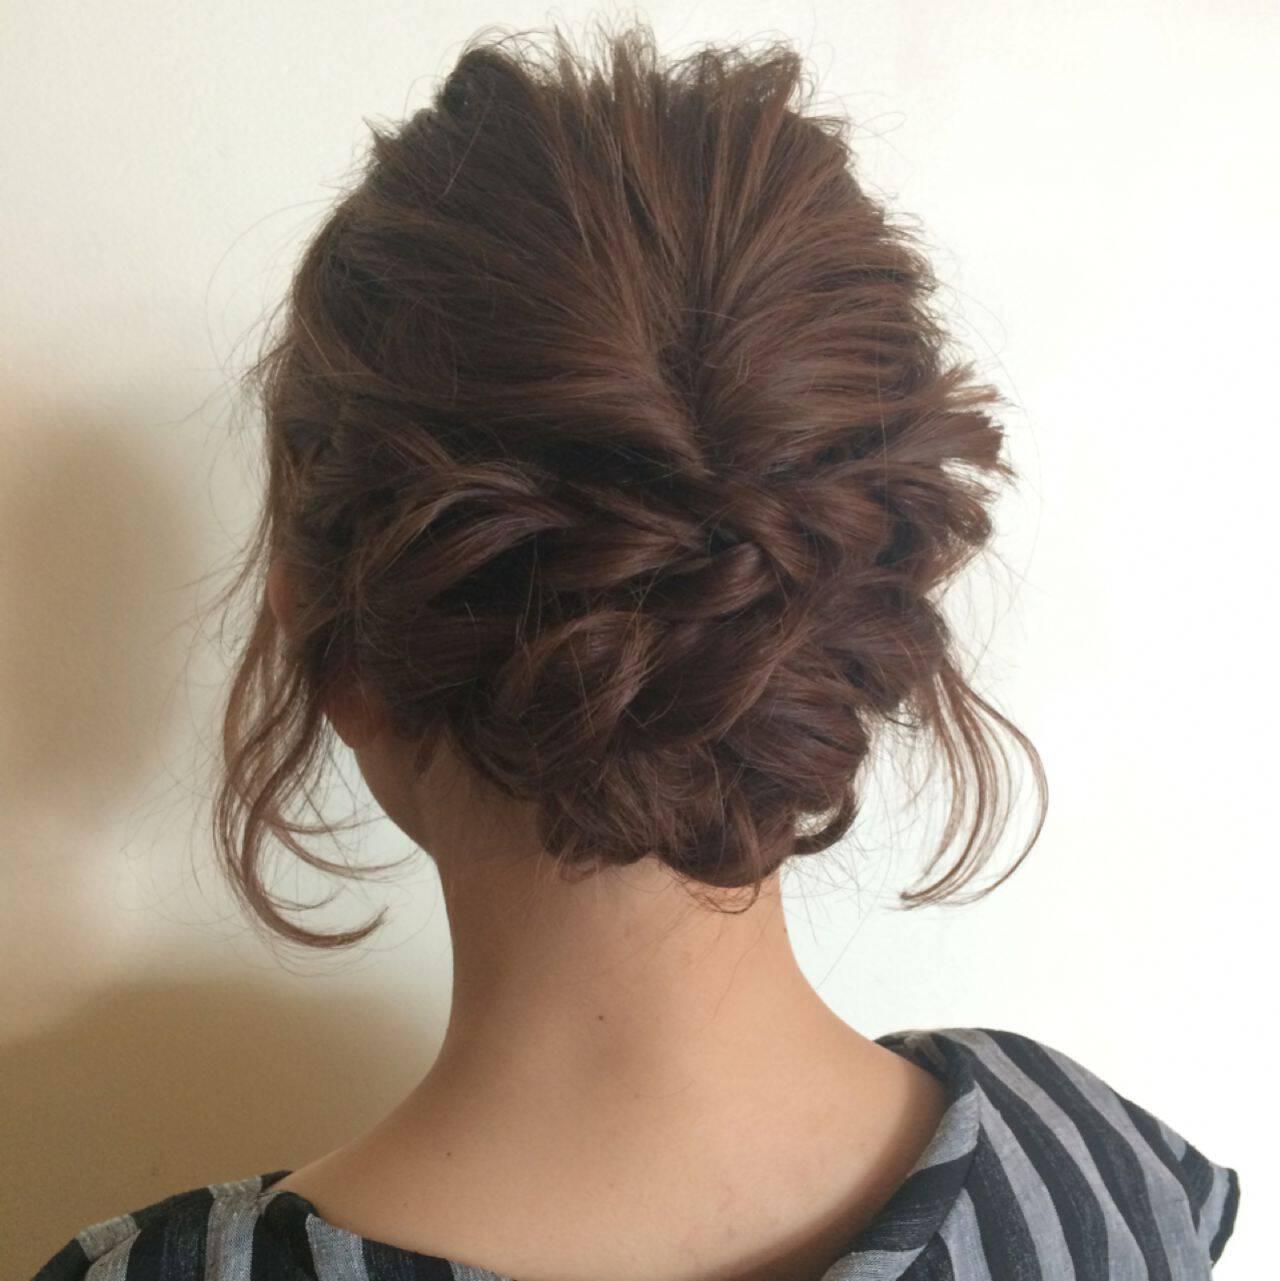 アップスタイル ナチュラル ヘアアレンジ パーティヘアスタイルや髪型の写真・画像